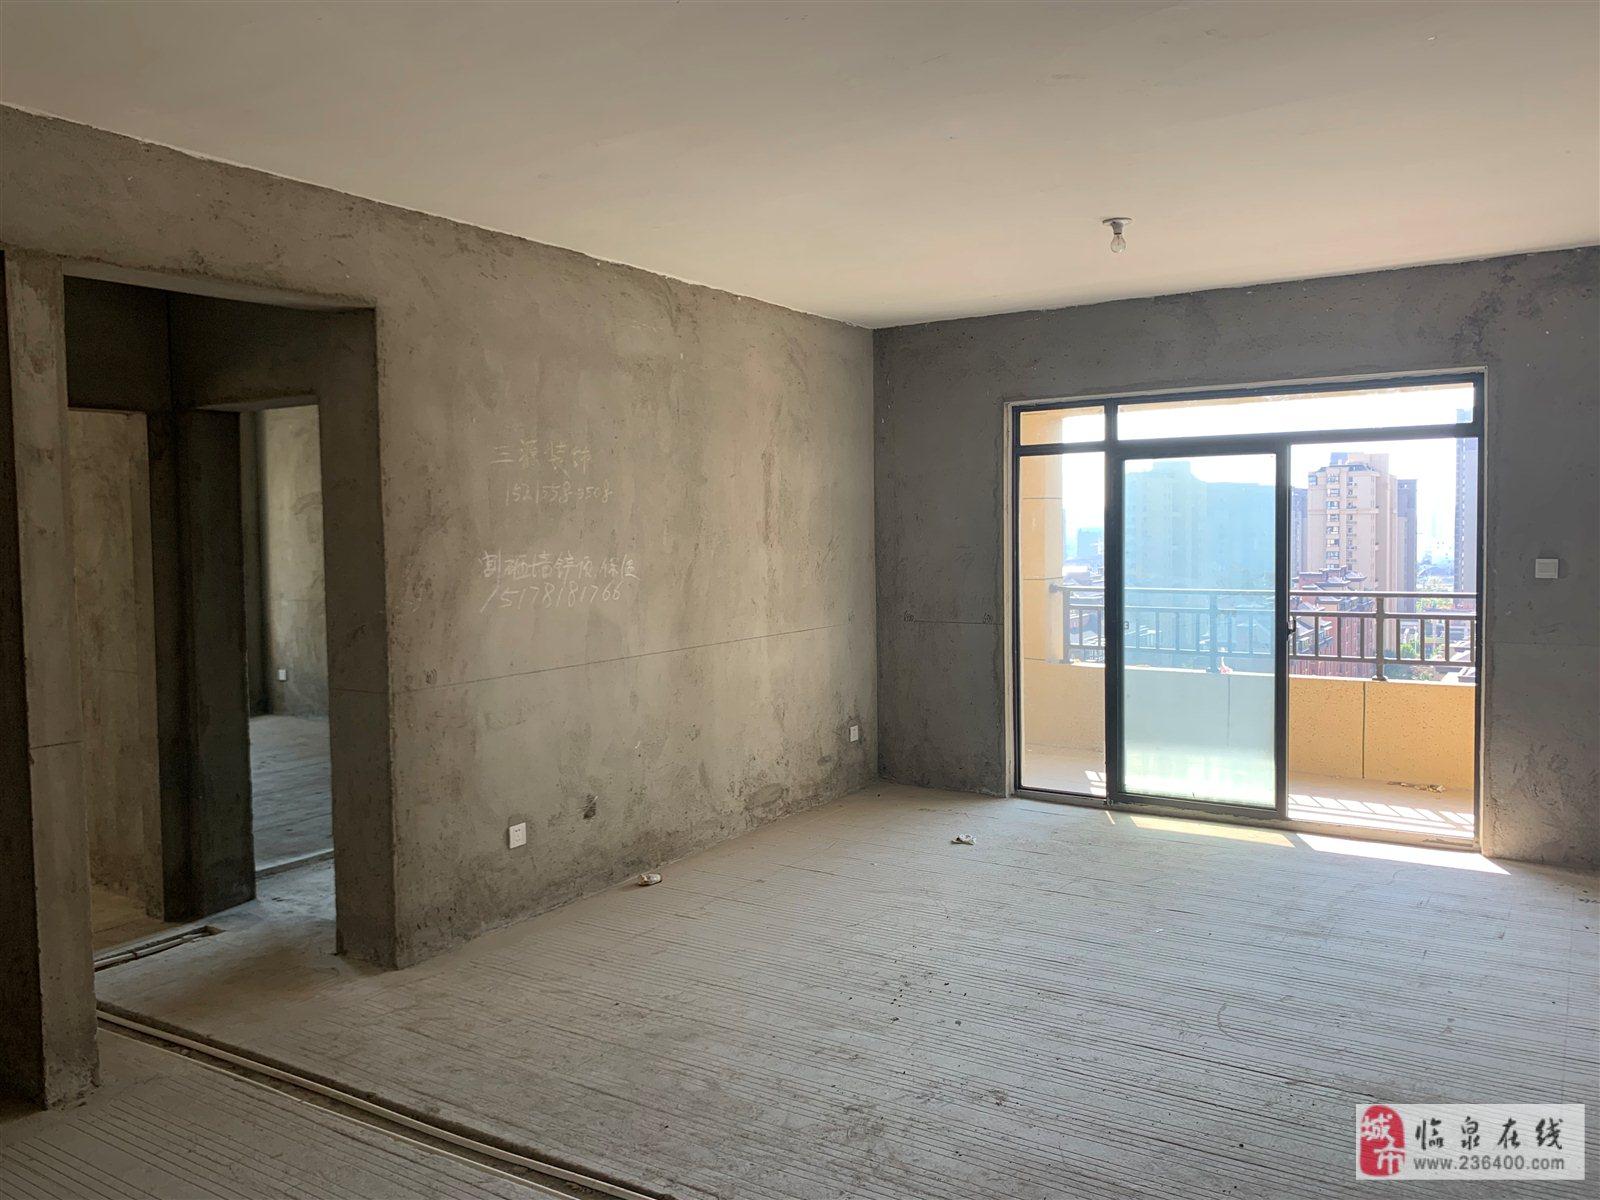 好房推荐:中泉首府4室2厅2卫100万元